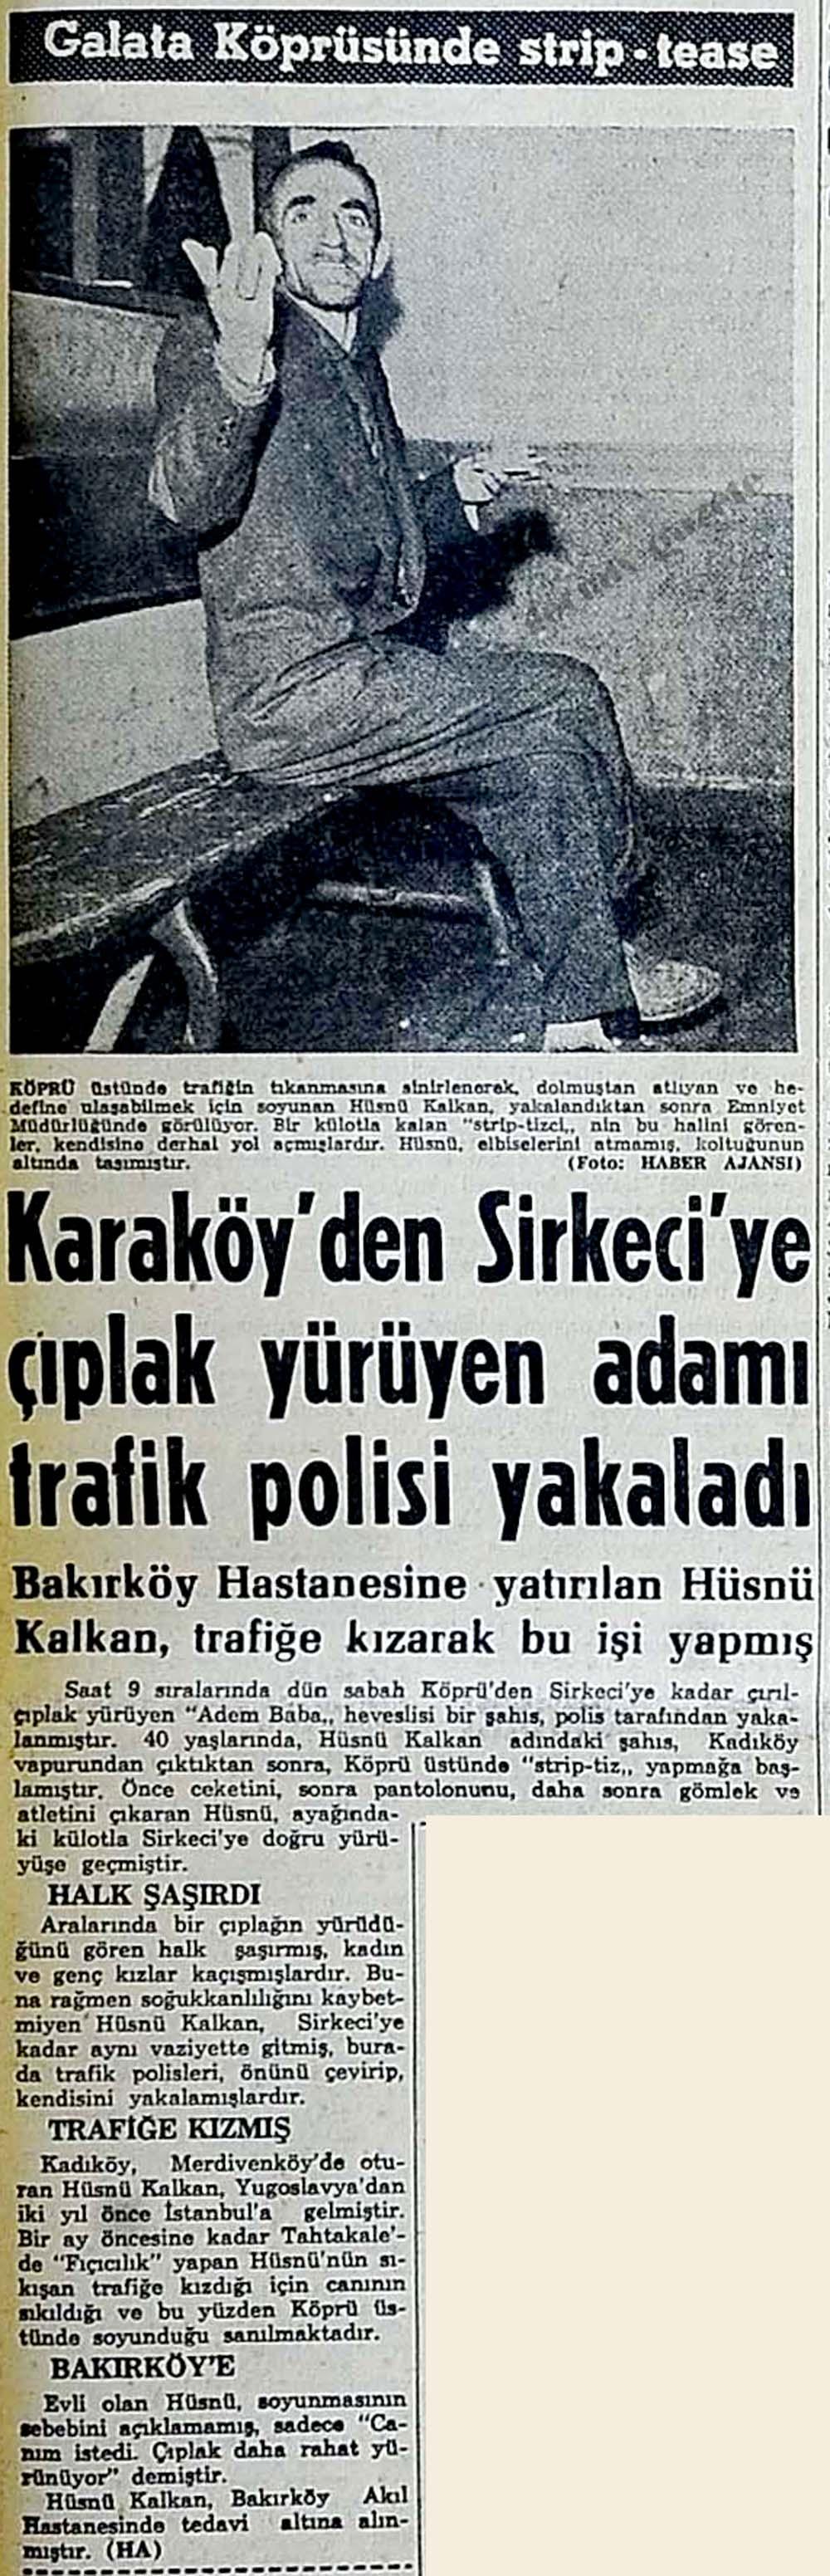 Karaköy'den Sirkeci'ye çıplak yürüyen adamı trafik polisi yakaladı